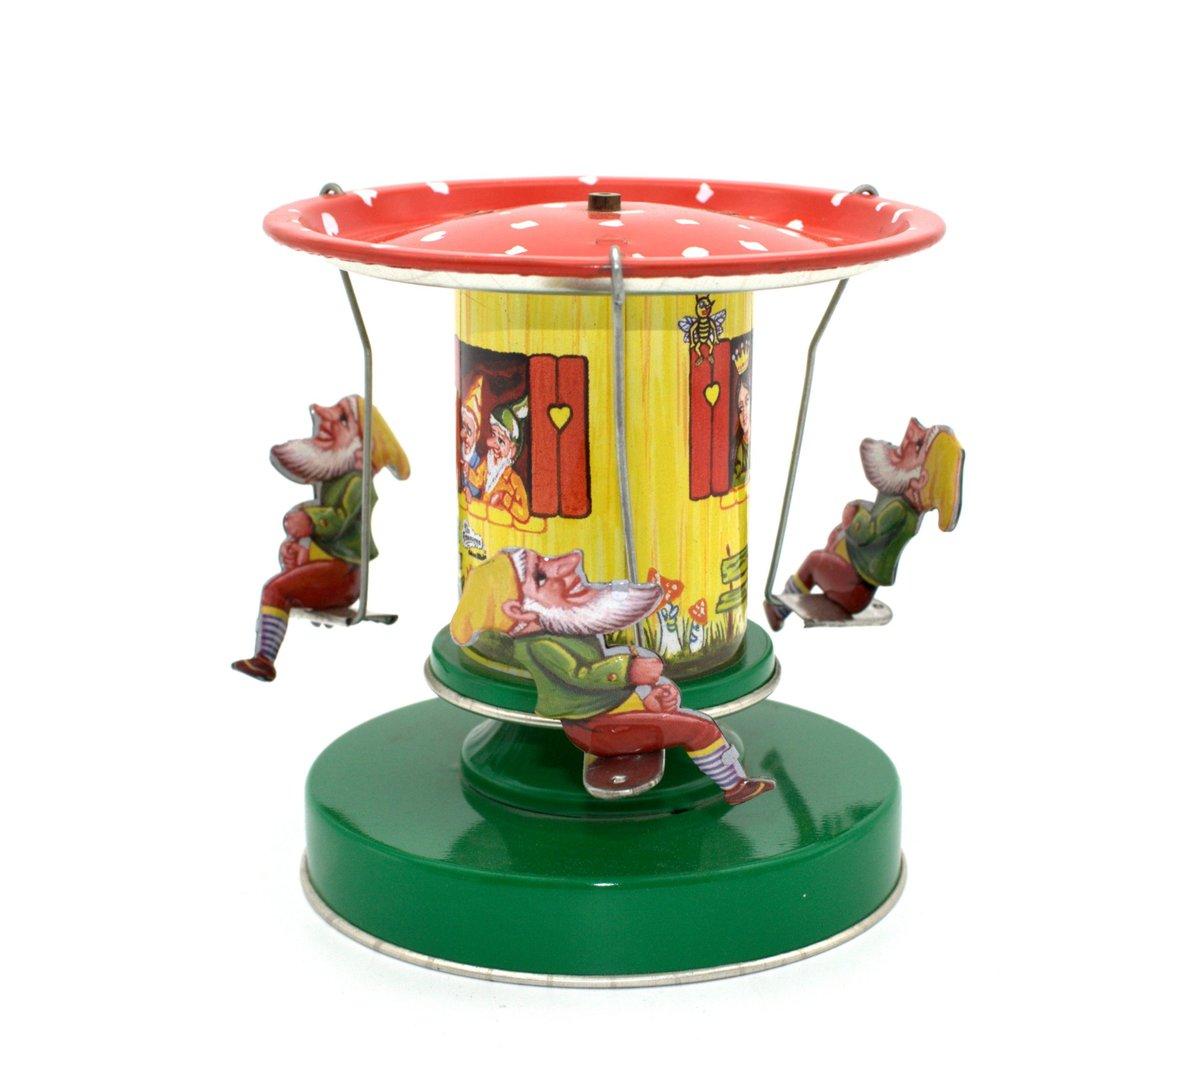 Image of Snow White & Dwarves Tin Toy Carousel